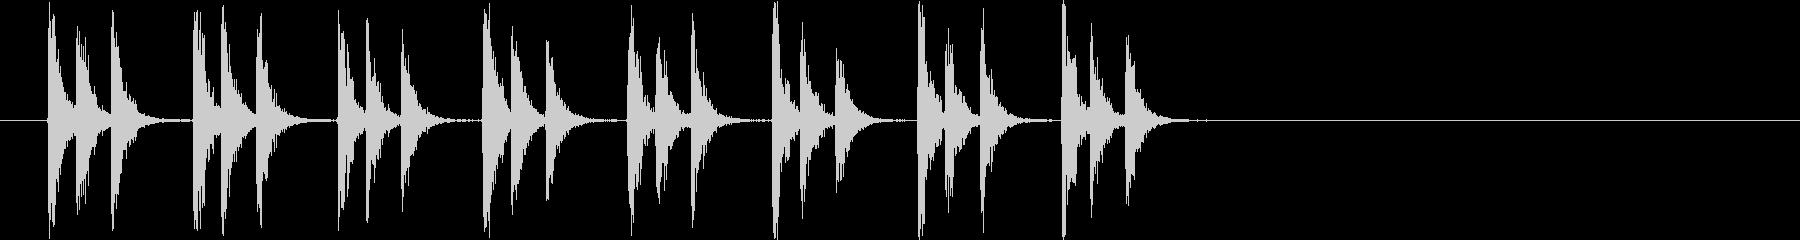 パカパカ走る馬の音の未再生の波形